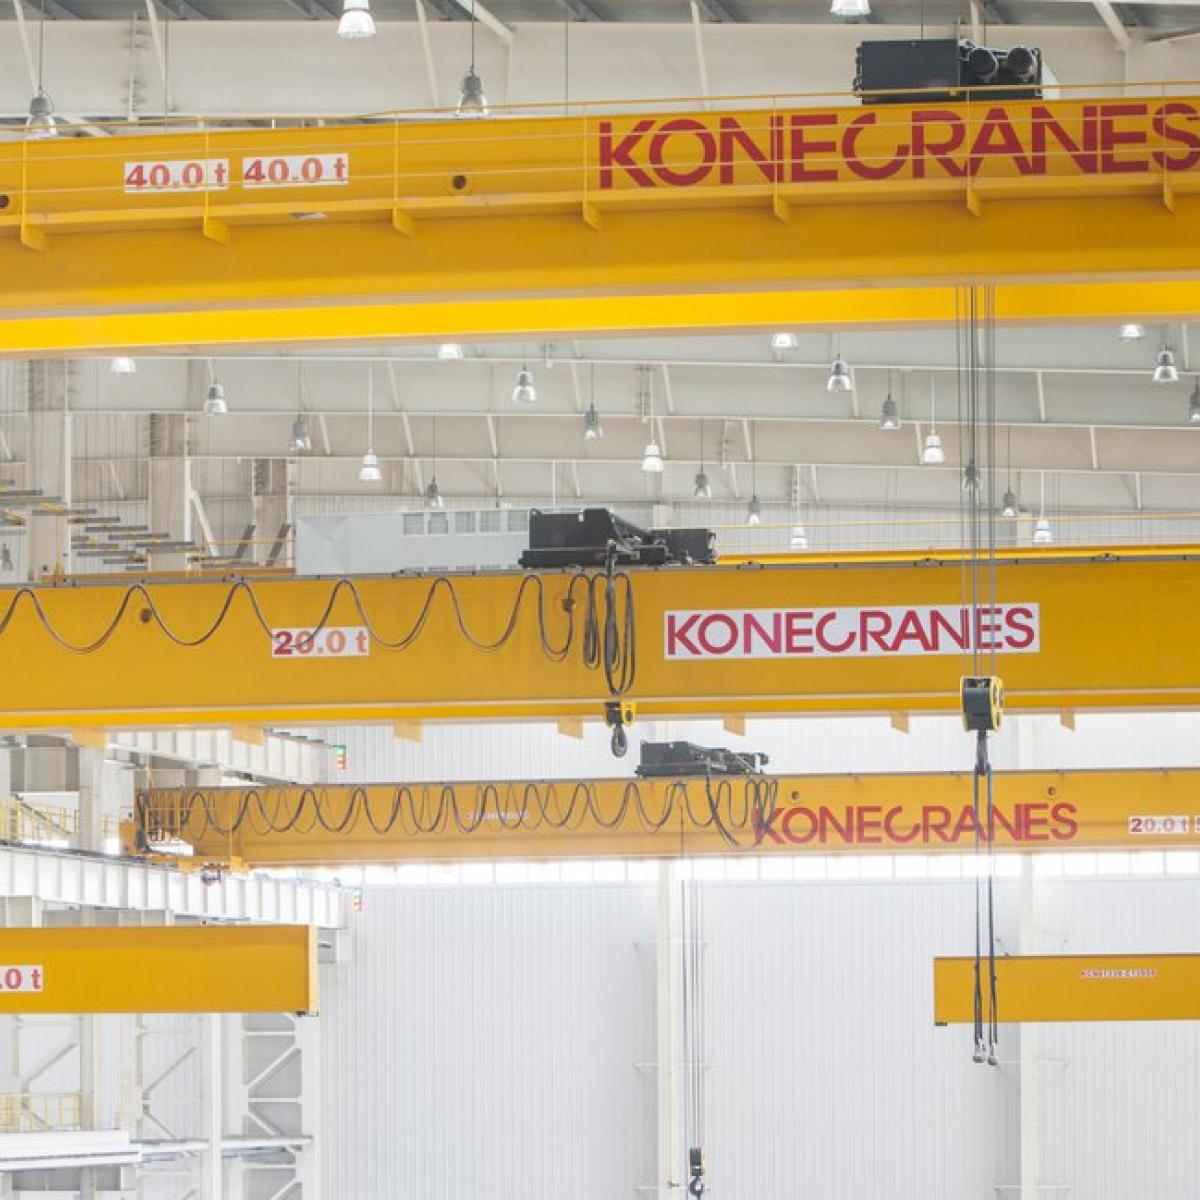 medium resolution of overhead crane terminology konecranesoverhead crane terminology